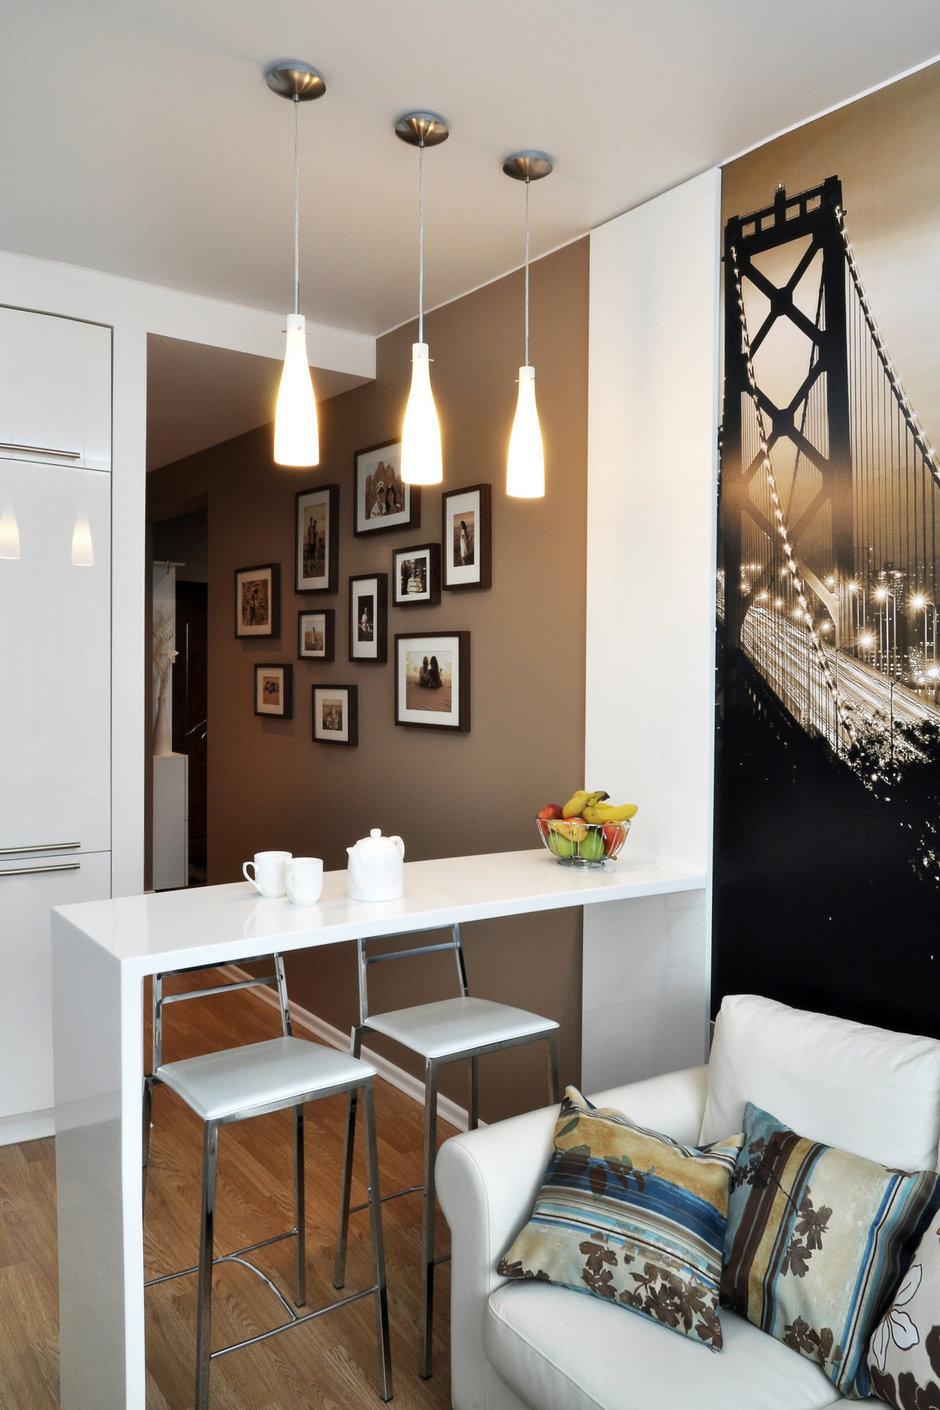 Фотография: Мебель и свет в стиле Лофт, Современный, Малогабаритная квартира, Квартира, Цвет в интерьере, Дома и квартиры, Белый, Переделка – фото на InMyRoom.ru